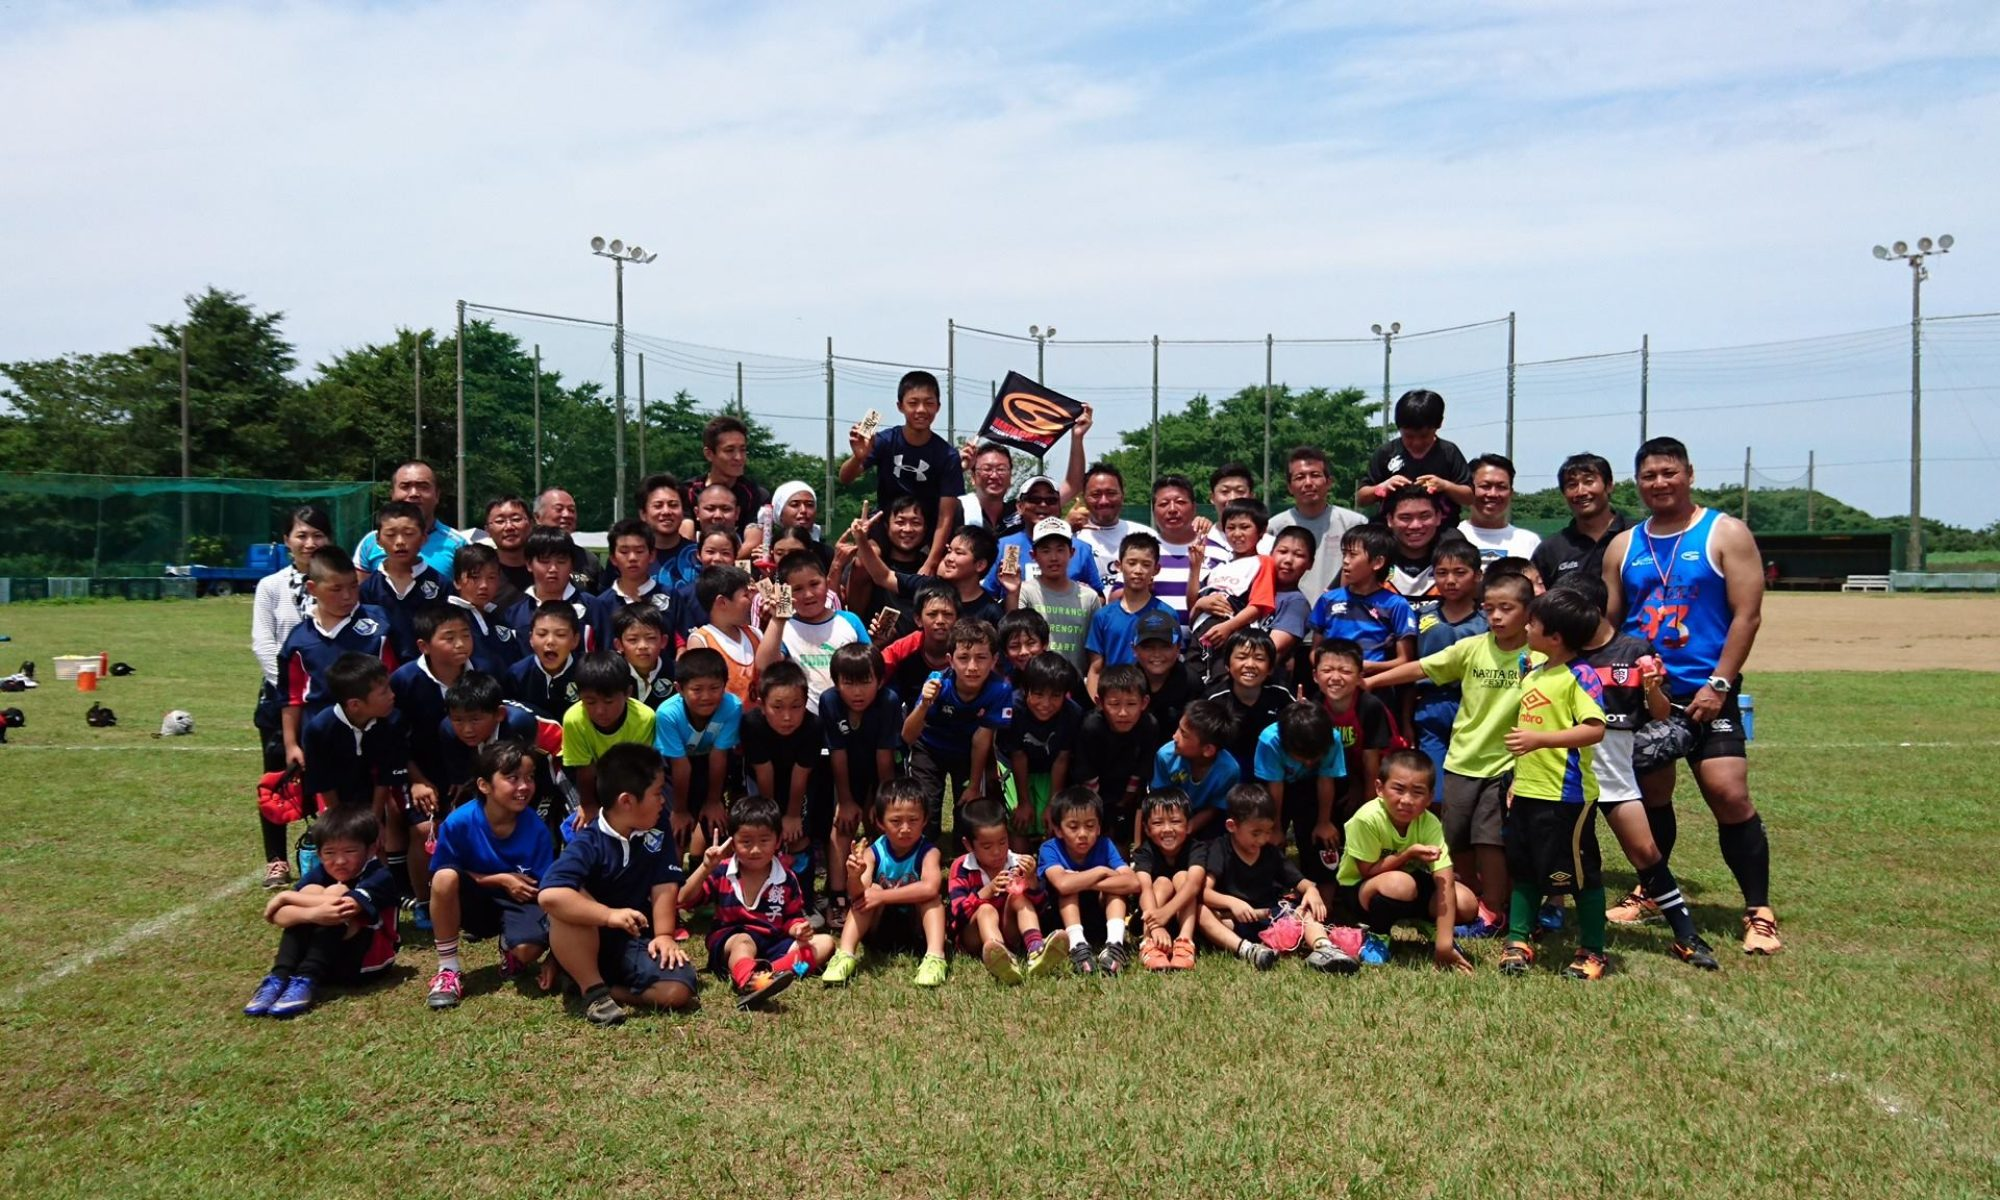 成田市ラグビーフットボール協会